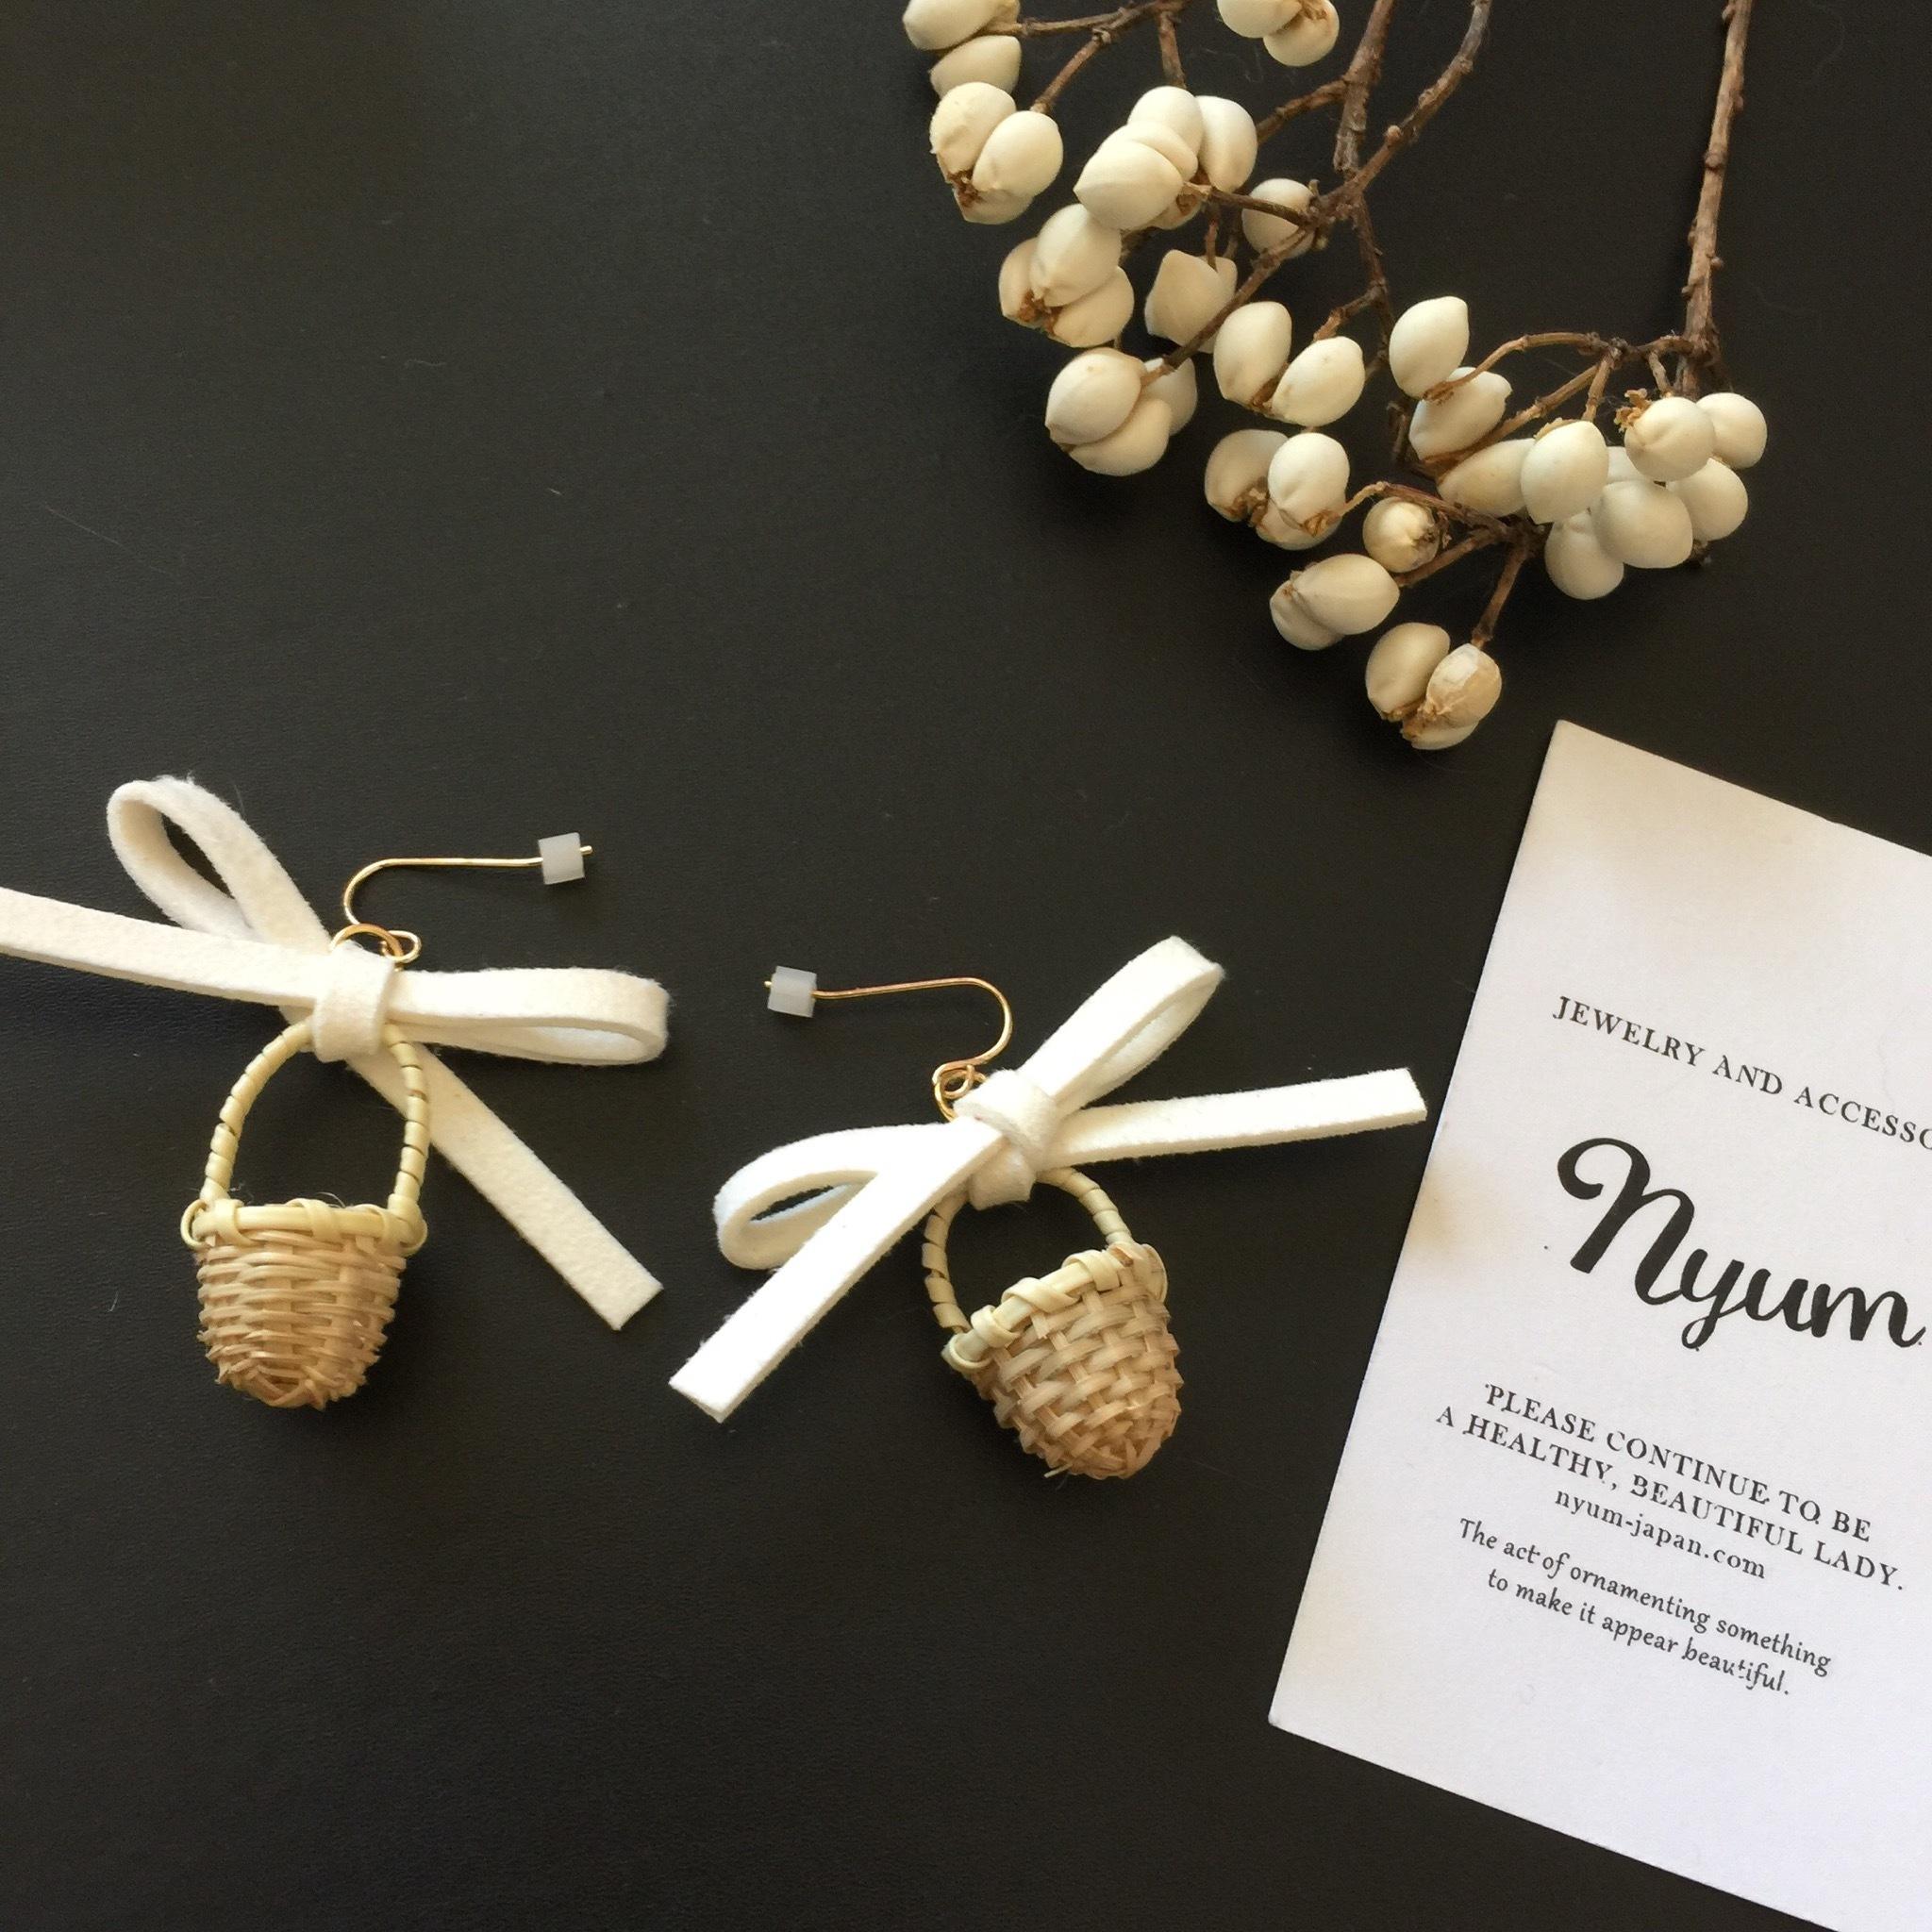 【ピアス/イヤリング】リボンと天然カゴピアス ホワイト